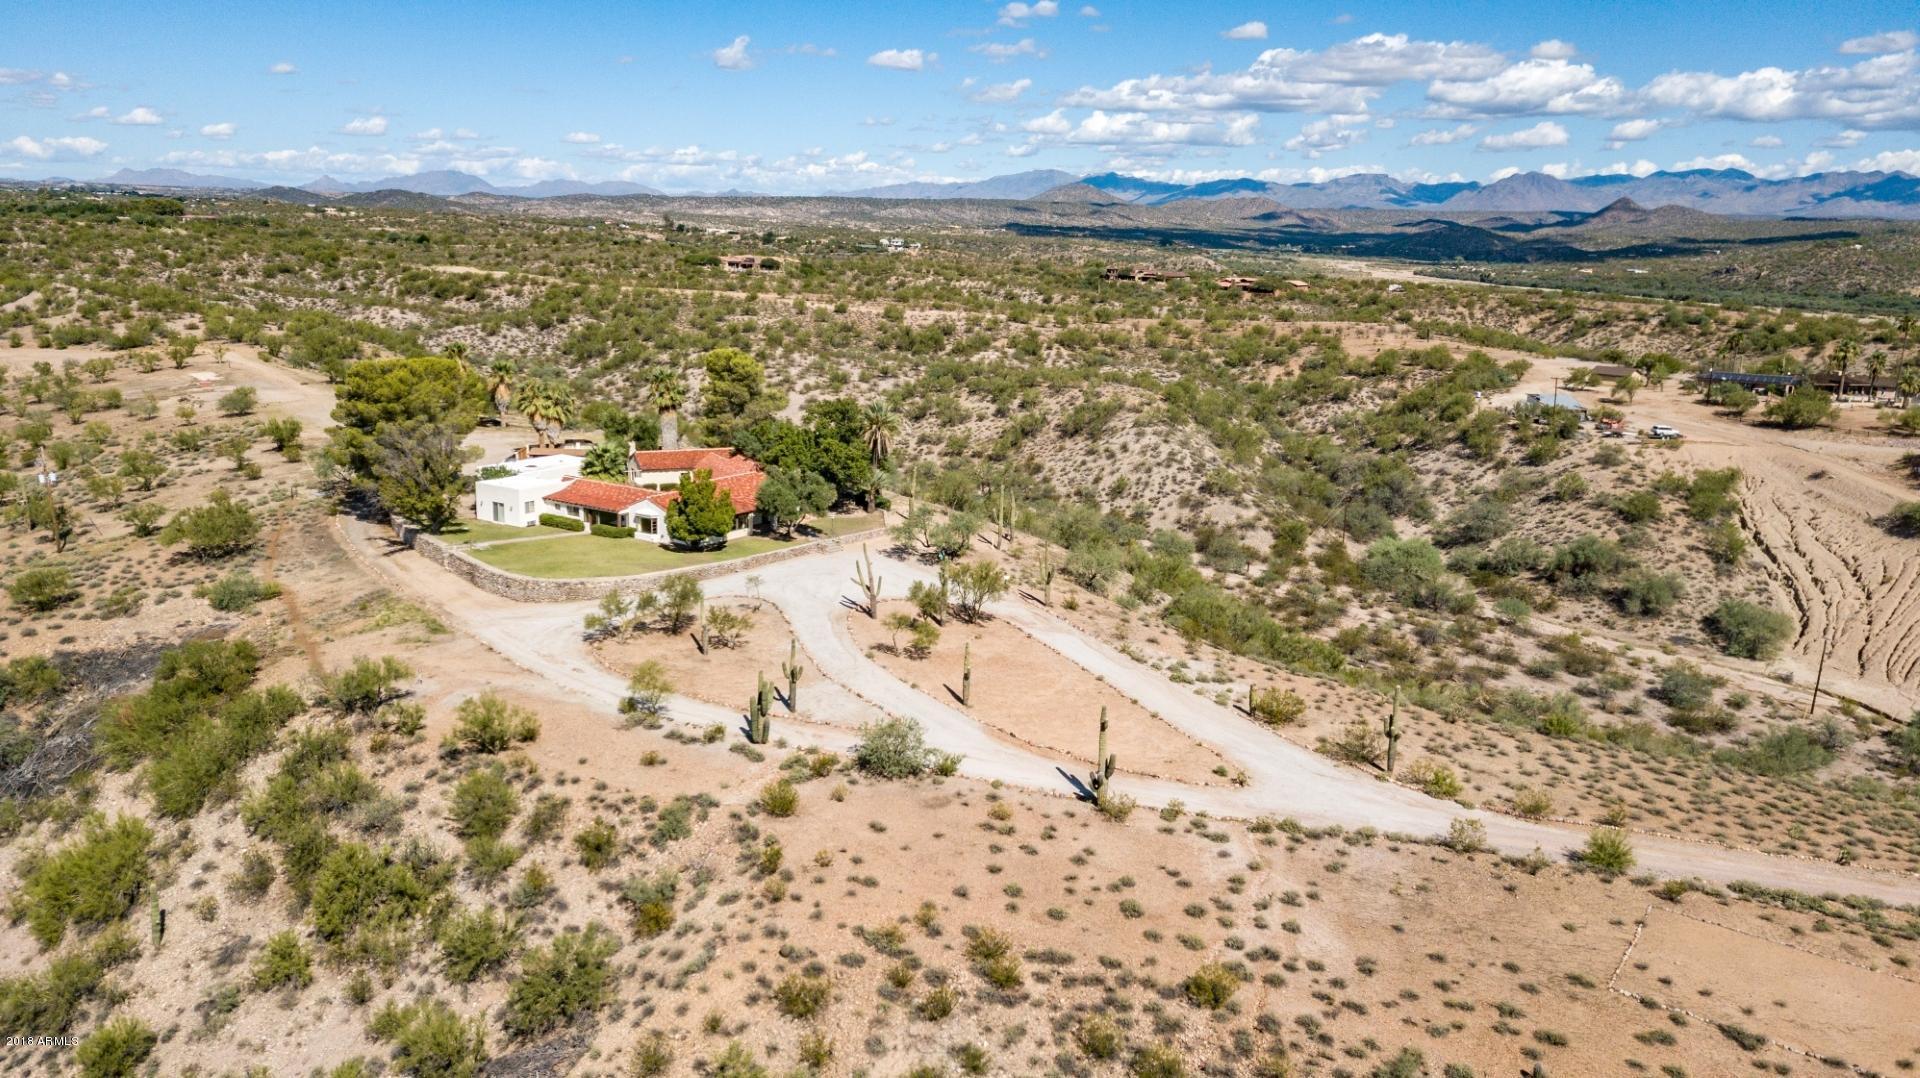 MLS 5830574 750 W BRALLIAR Road, Wickenburg, AZ 85390 Wickenburg AZ Guest House